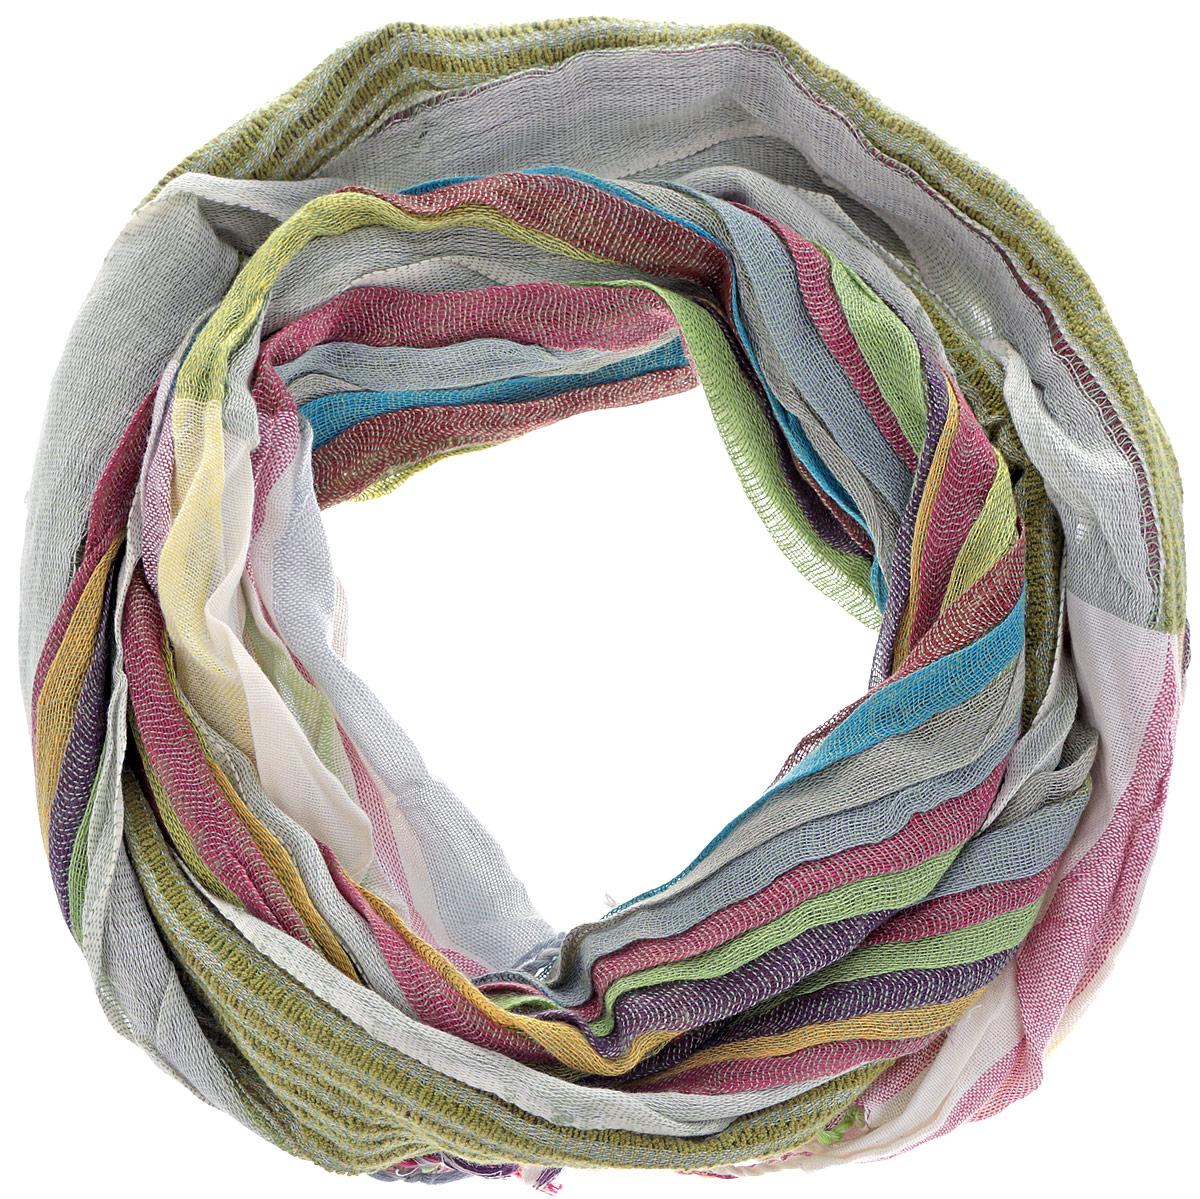 Шарф249110Яркий полосатый шарф из вискозы станет изысканным, нарядным аксессуаром, который призван подчеркнуть индивидуальность и очарование женщины. Края шарфа декорированы кисточками. Этот модный аксессуар женского гардероба гармонично дополнит образ современной женщины, следящей за своим имиджем и стремящейся всегда оставаться стильной и элегантной. В модном шарфе вы всегда будете выглядеть женственной и привлекательной.